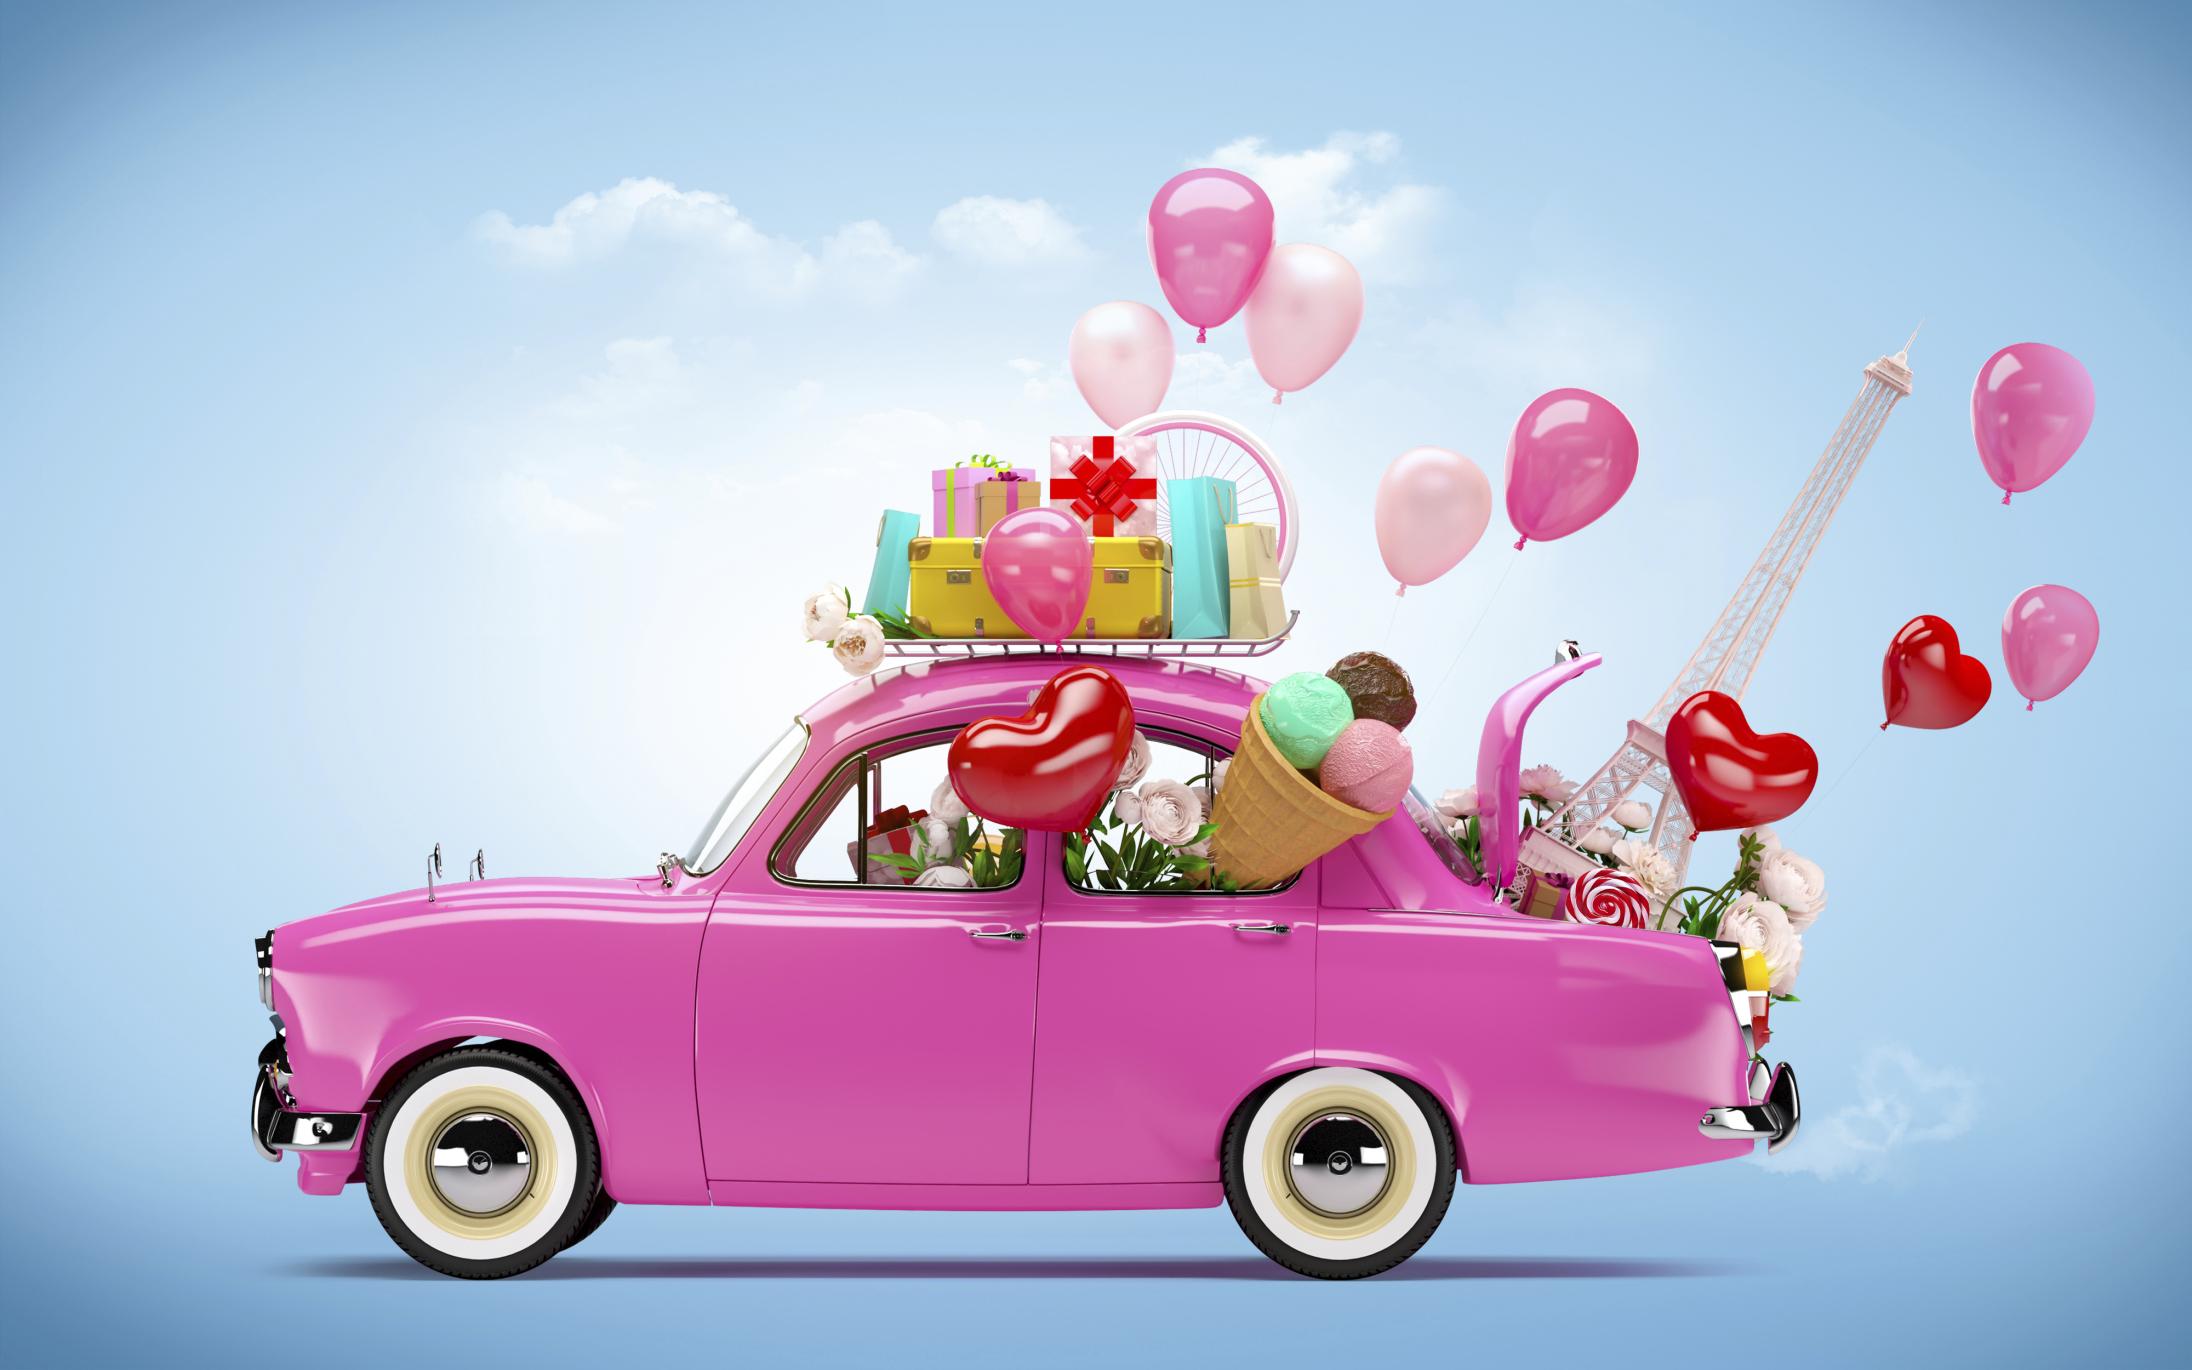 хотите поступить автоледи с цветами картинки меня это